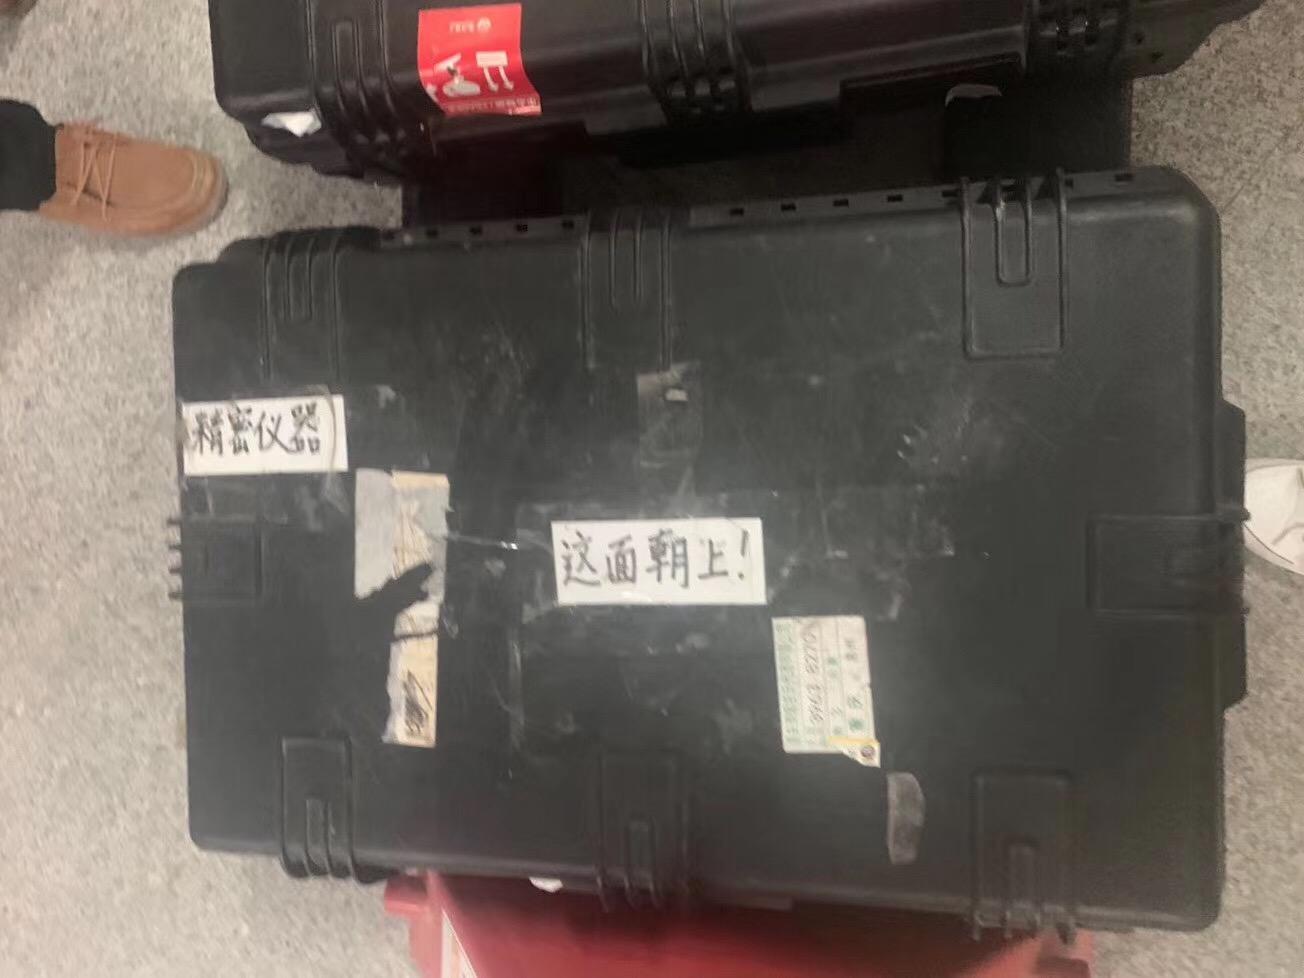 梅县美容仪器空运 国内空运价格 舱位有保障